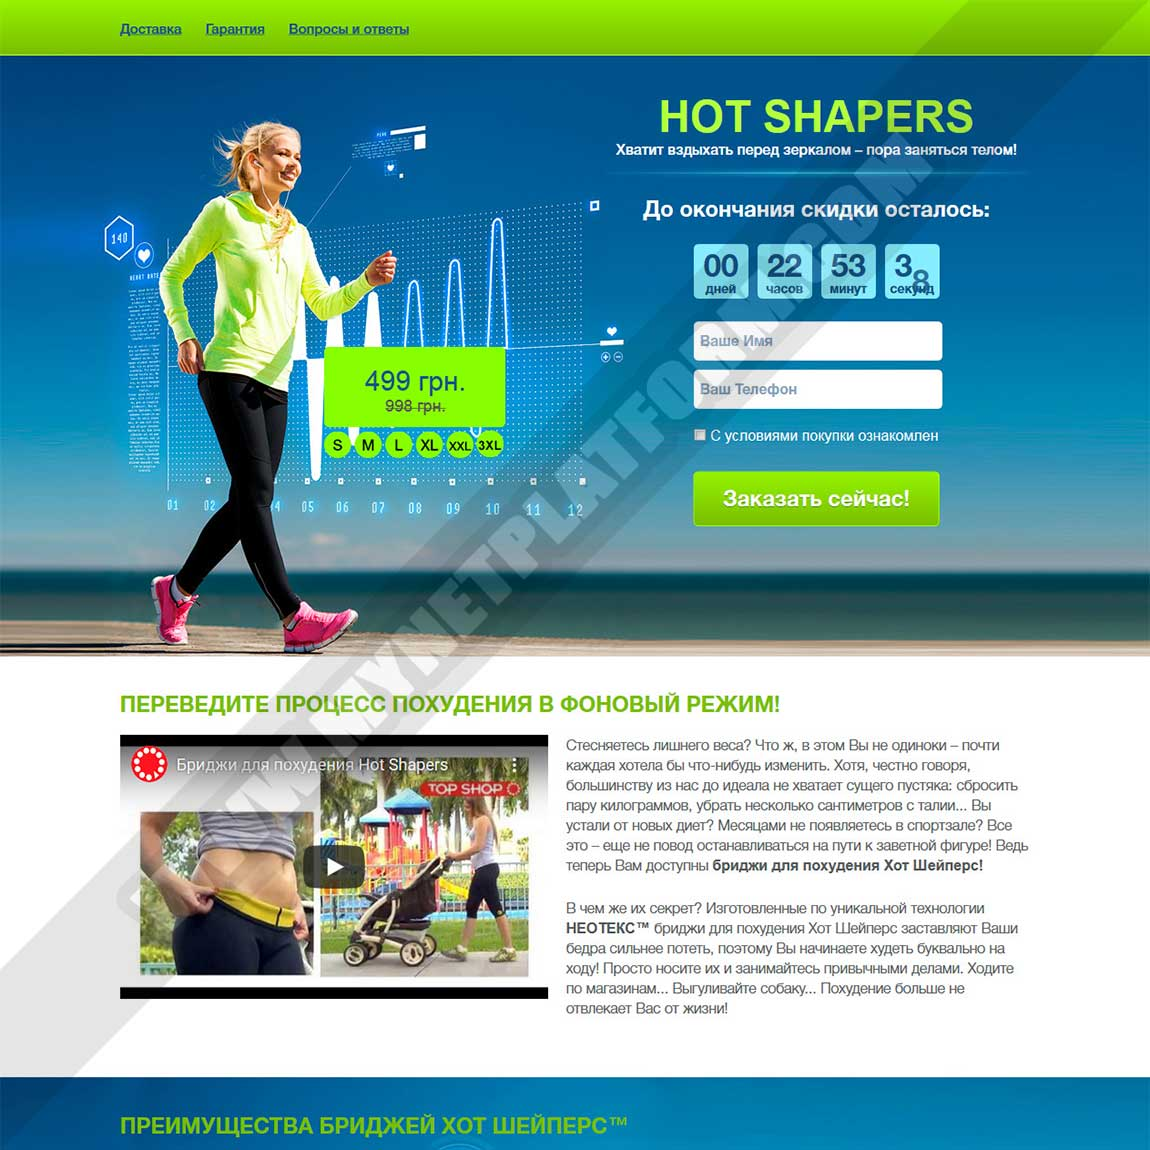 Миниатюра Готового лендинга Лендинг Hot Shapers - бриджи для похудения 002